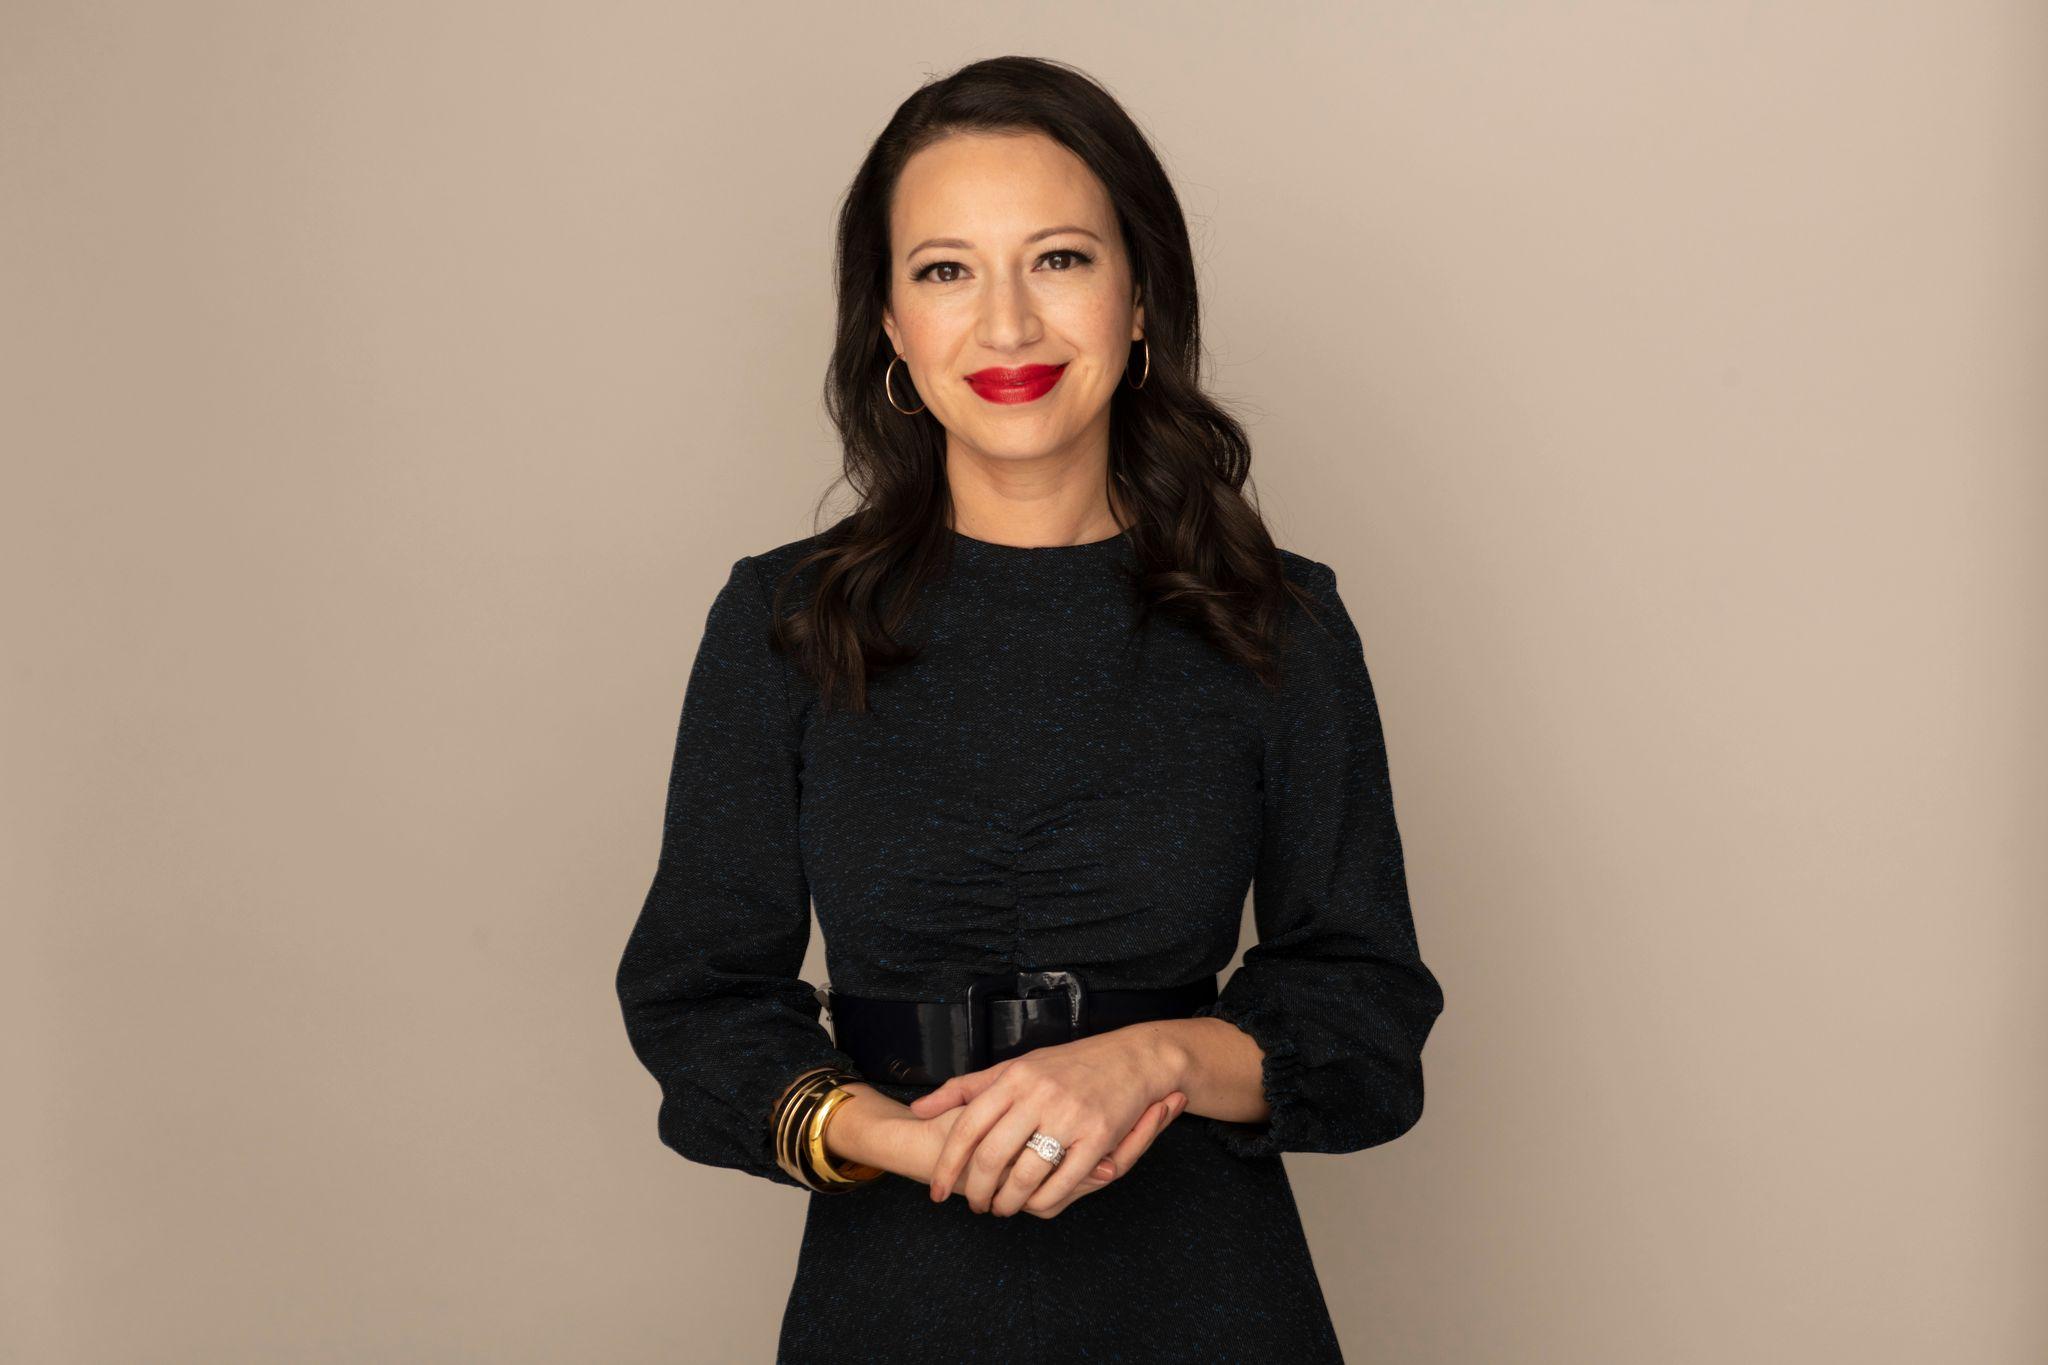 Kimberly Villatoro